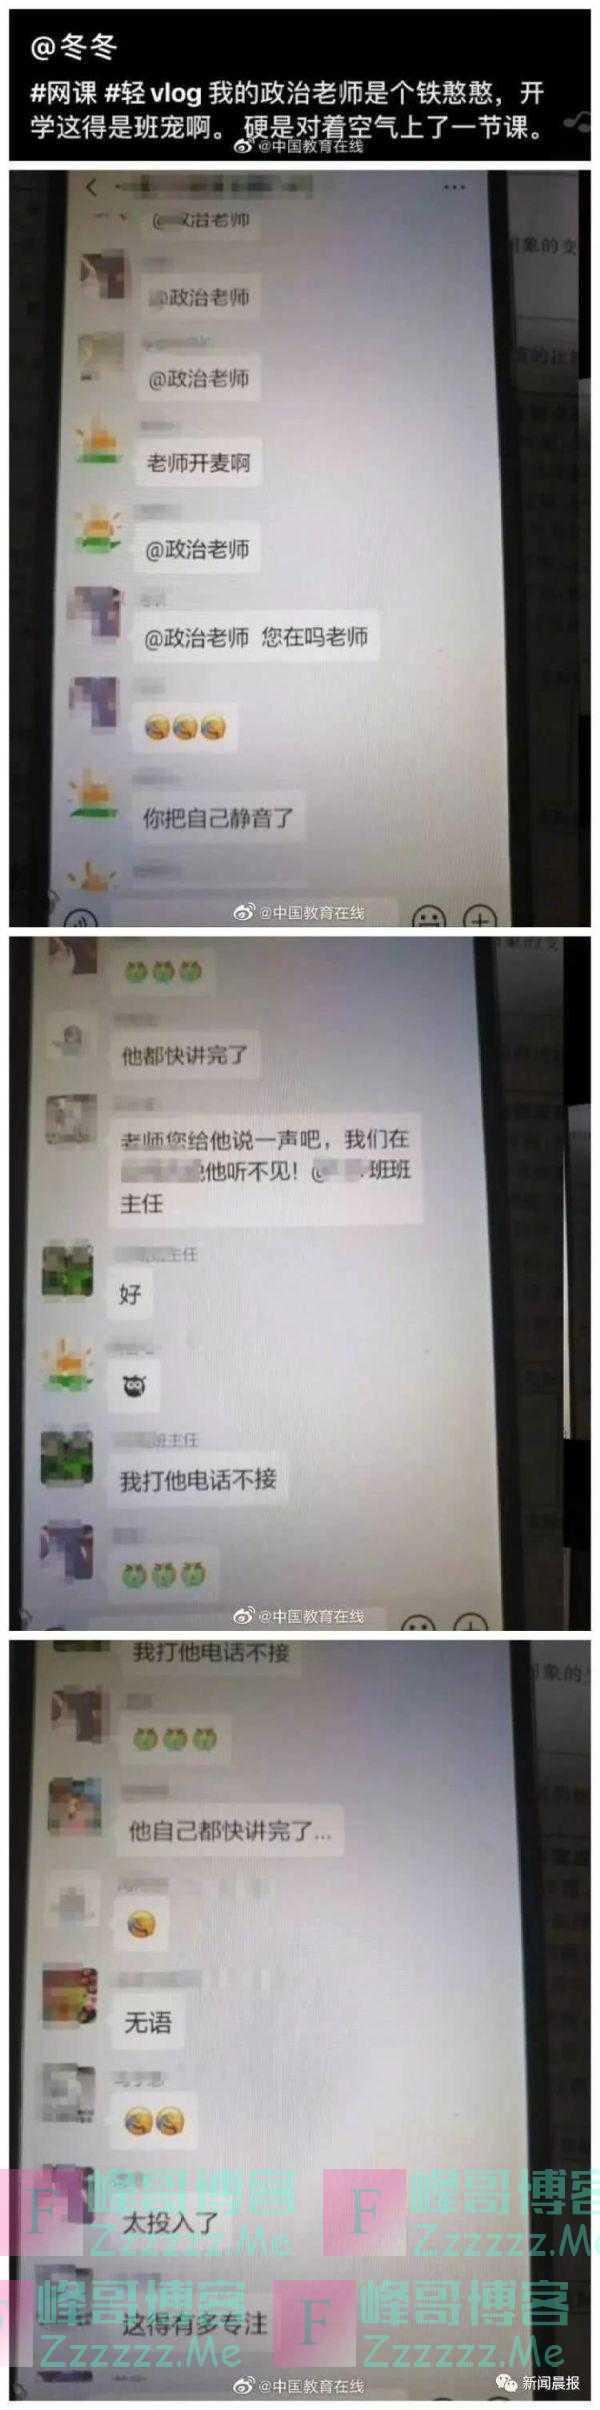 """""""网课太欺负人了""""上热搜!网友分享大型""""翻车""""现场"""